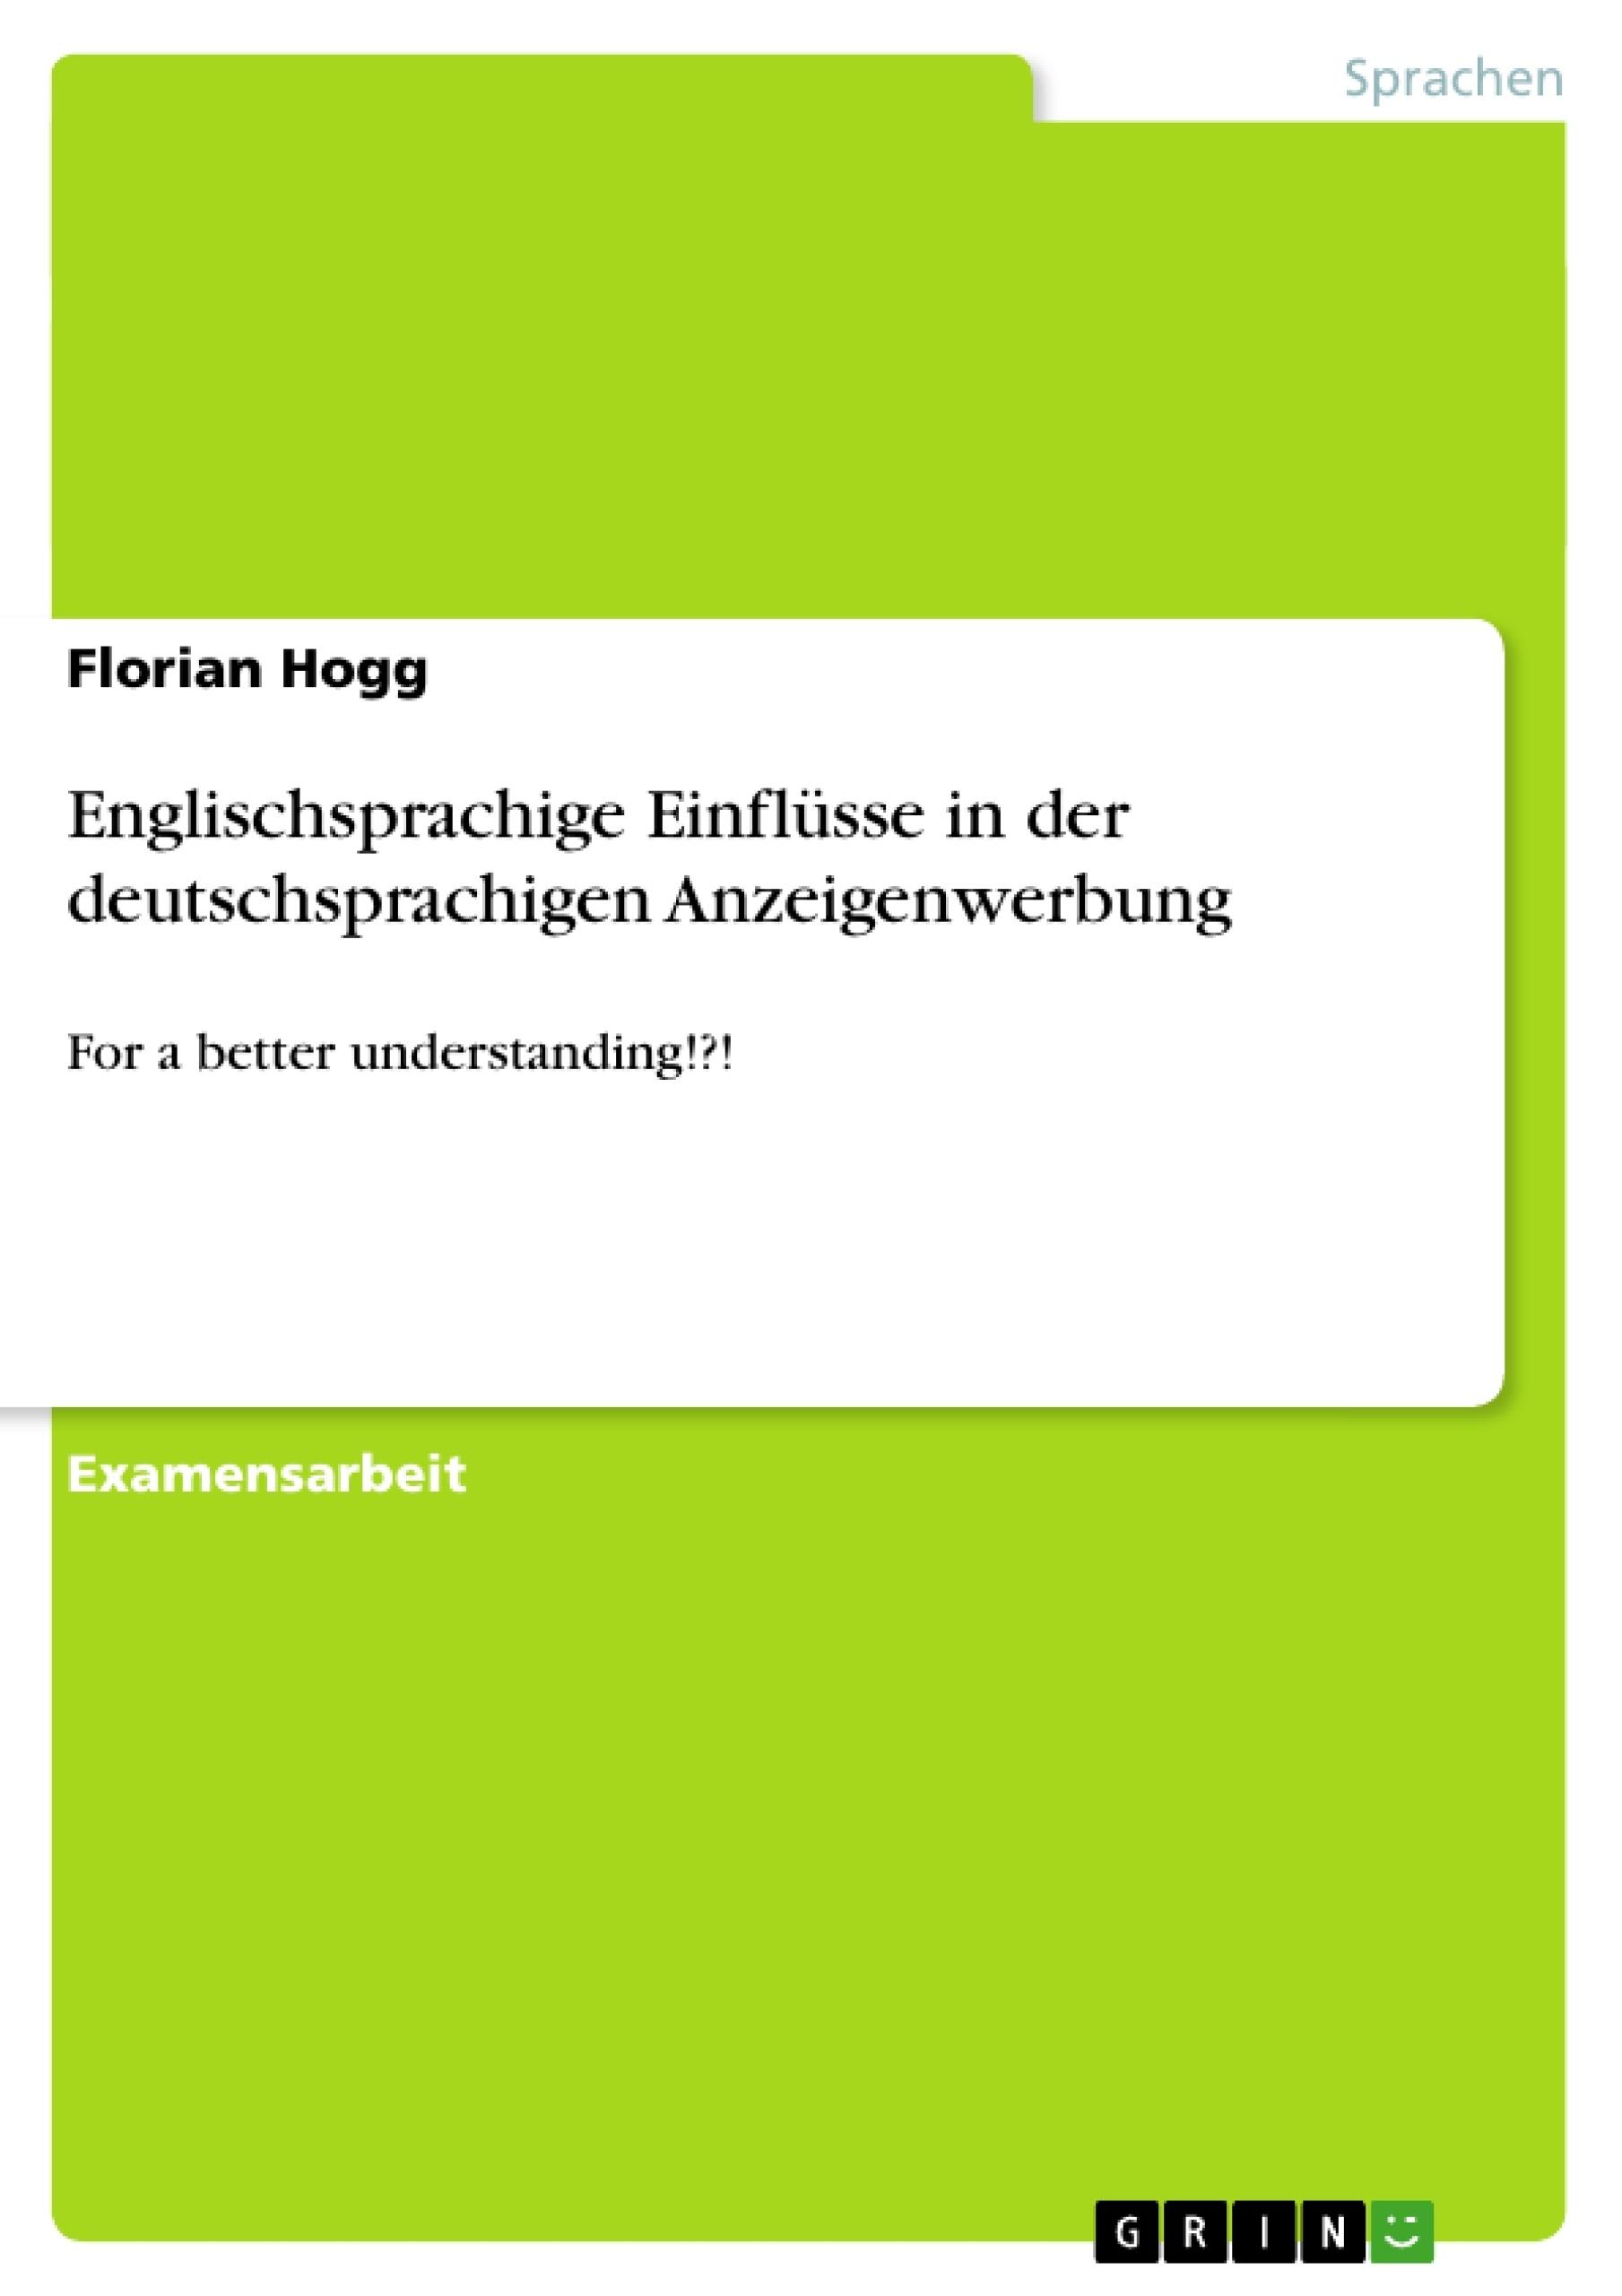 Titel: Englischsprachige Einflüsse in der deutschsprachigen Anzeigenwerbung